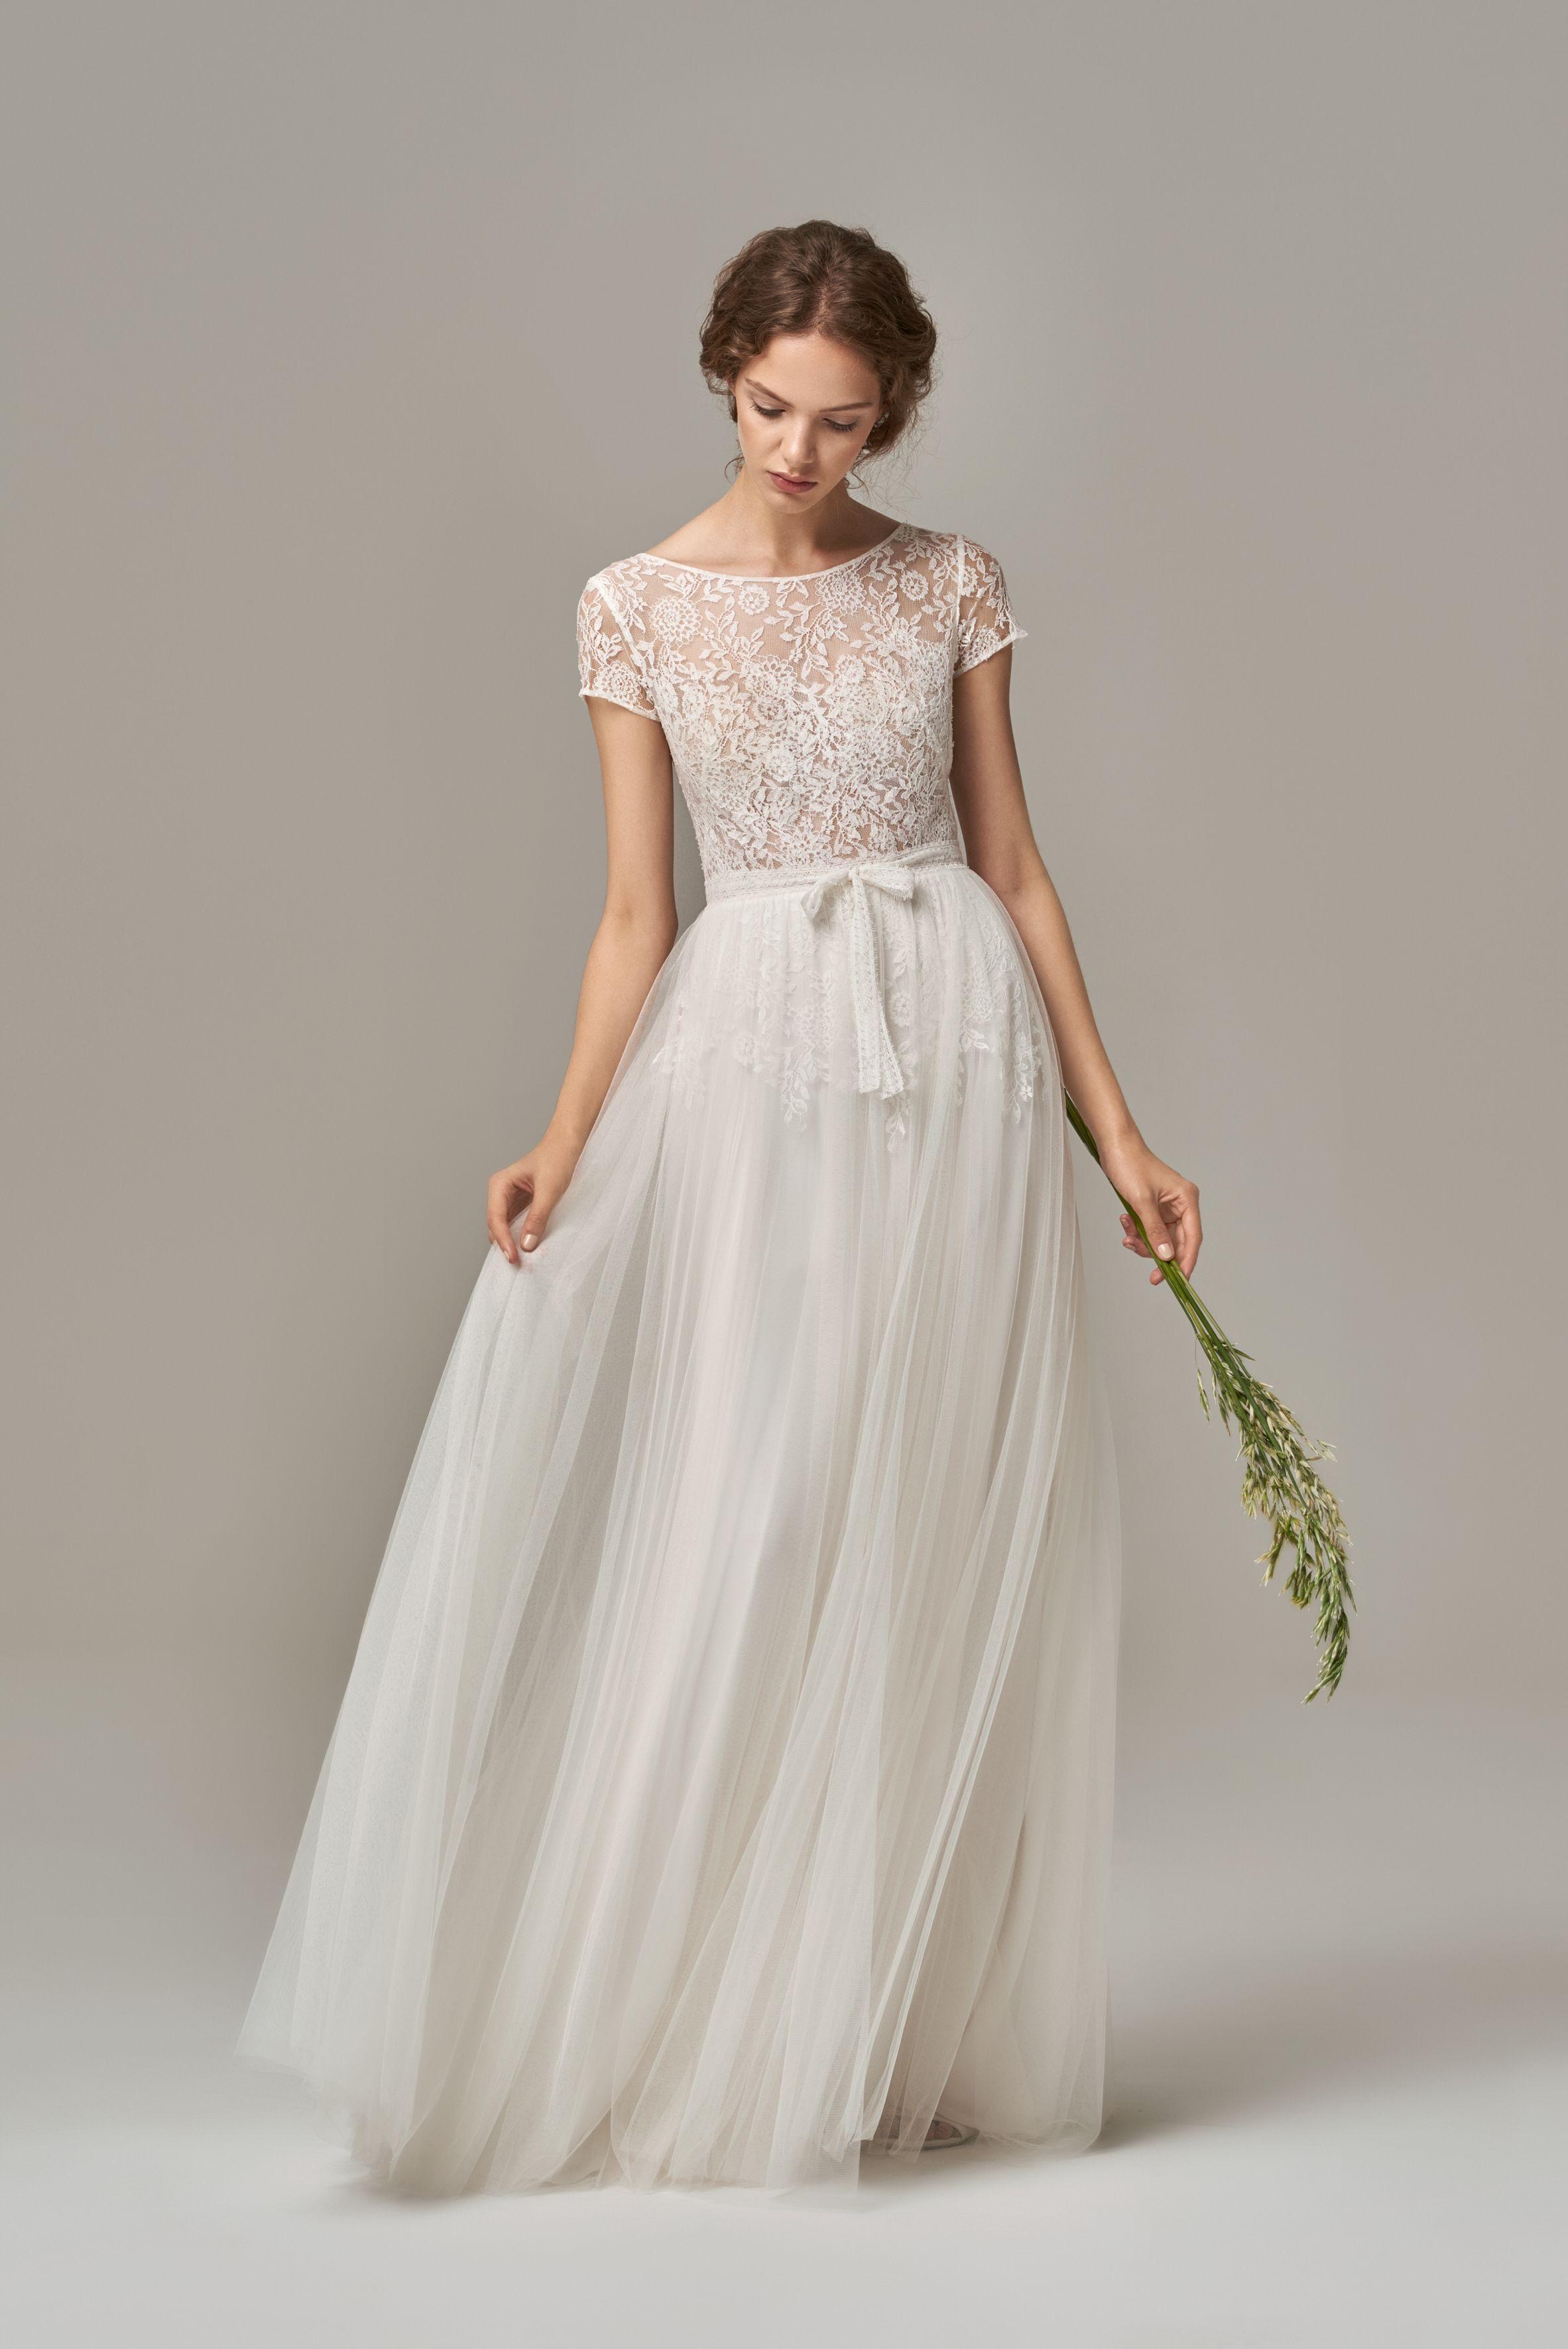 BEATA Größe 19  Kleider hochzeit, Braut, Hochzeit kleid standesamt